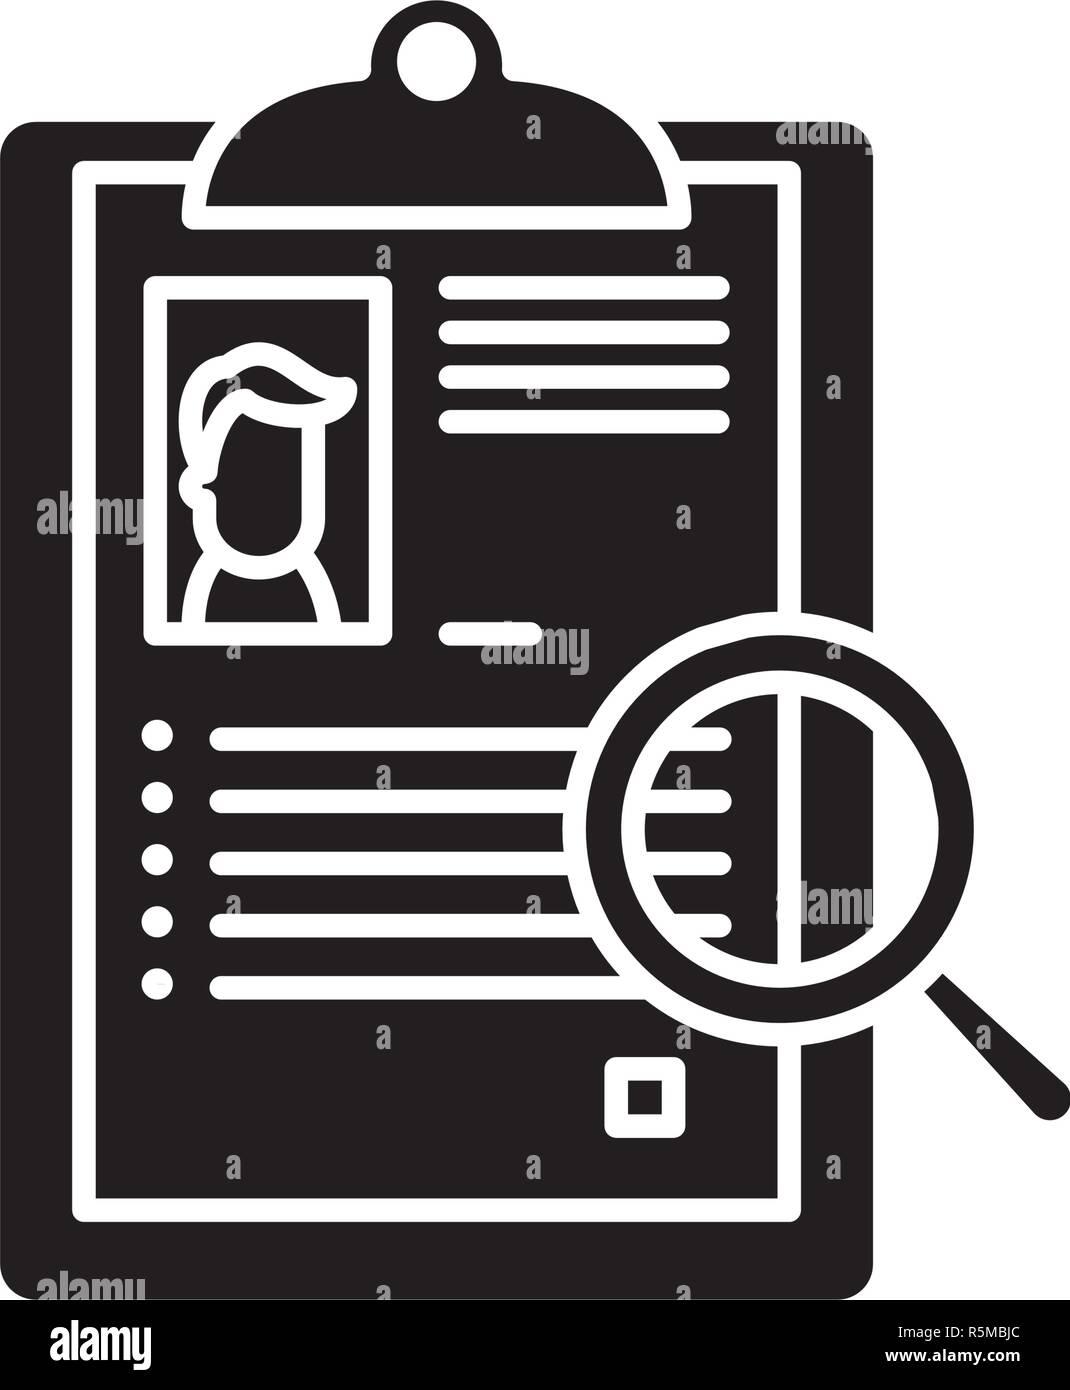 Resumen icono negro, signo de vectores de fondo aislados. Resumen concepto símbolo, ilustración Imagen De Stock